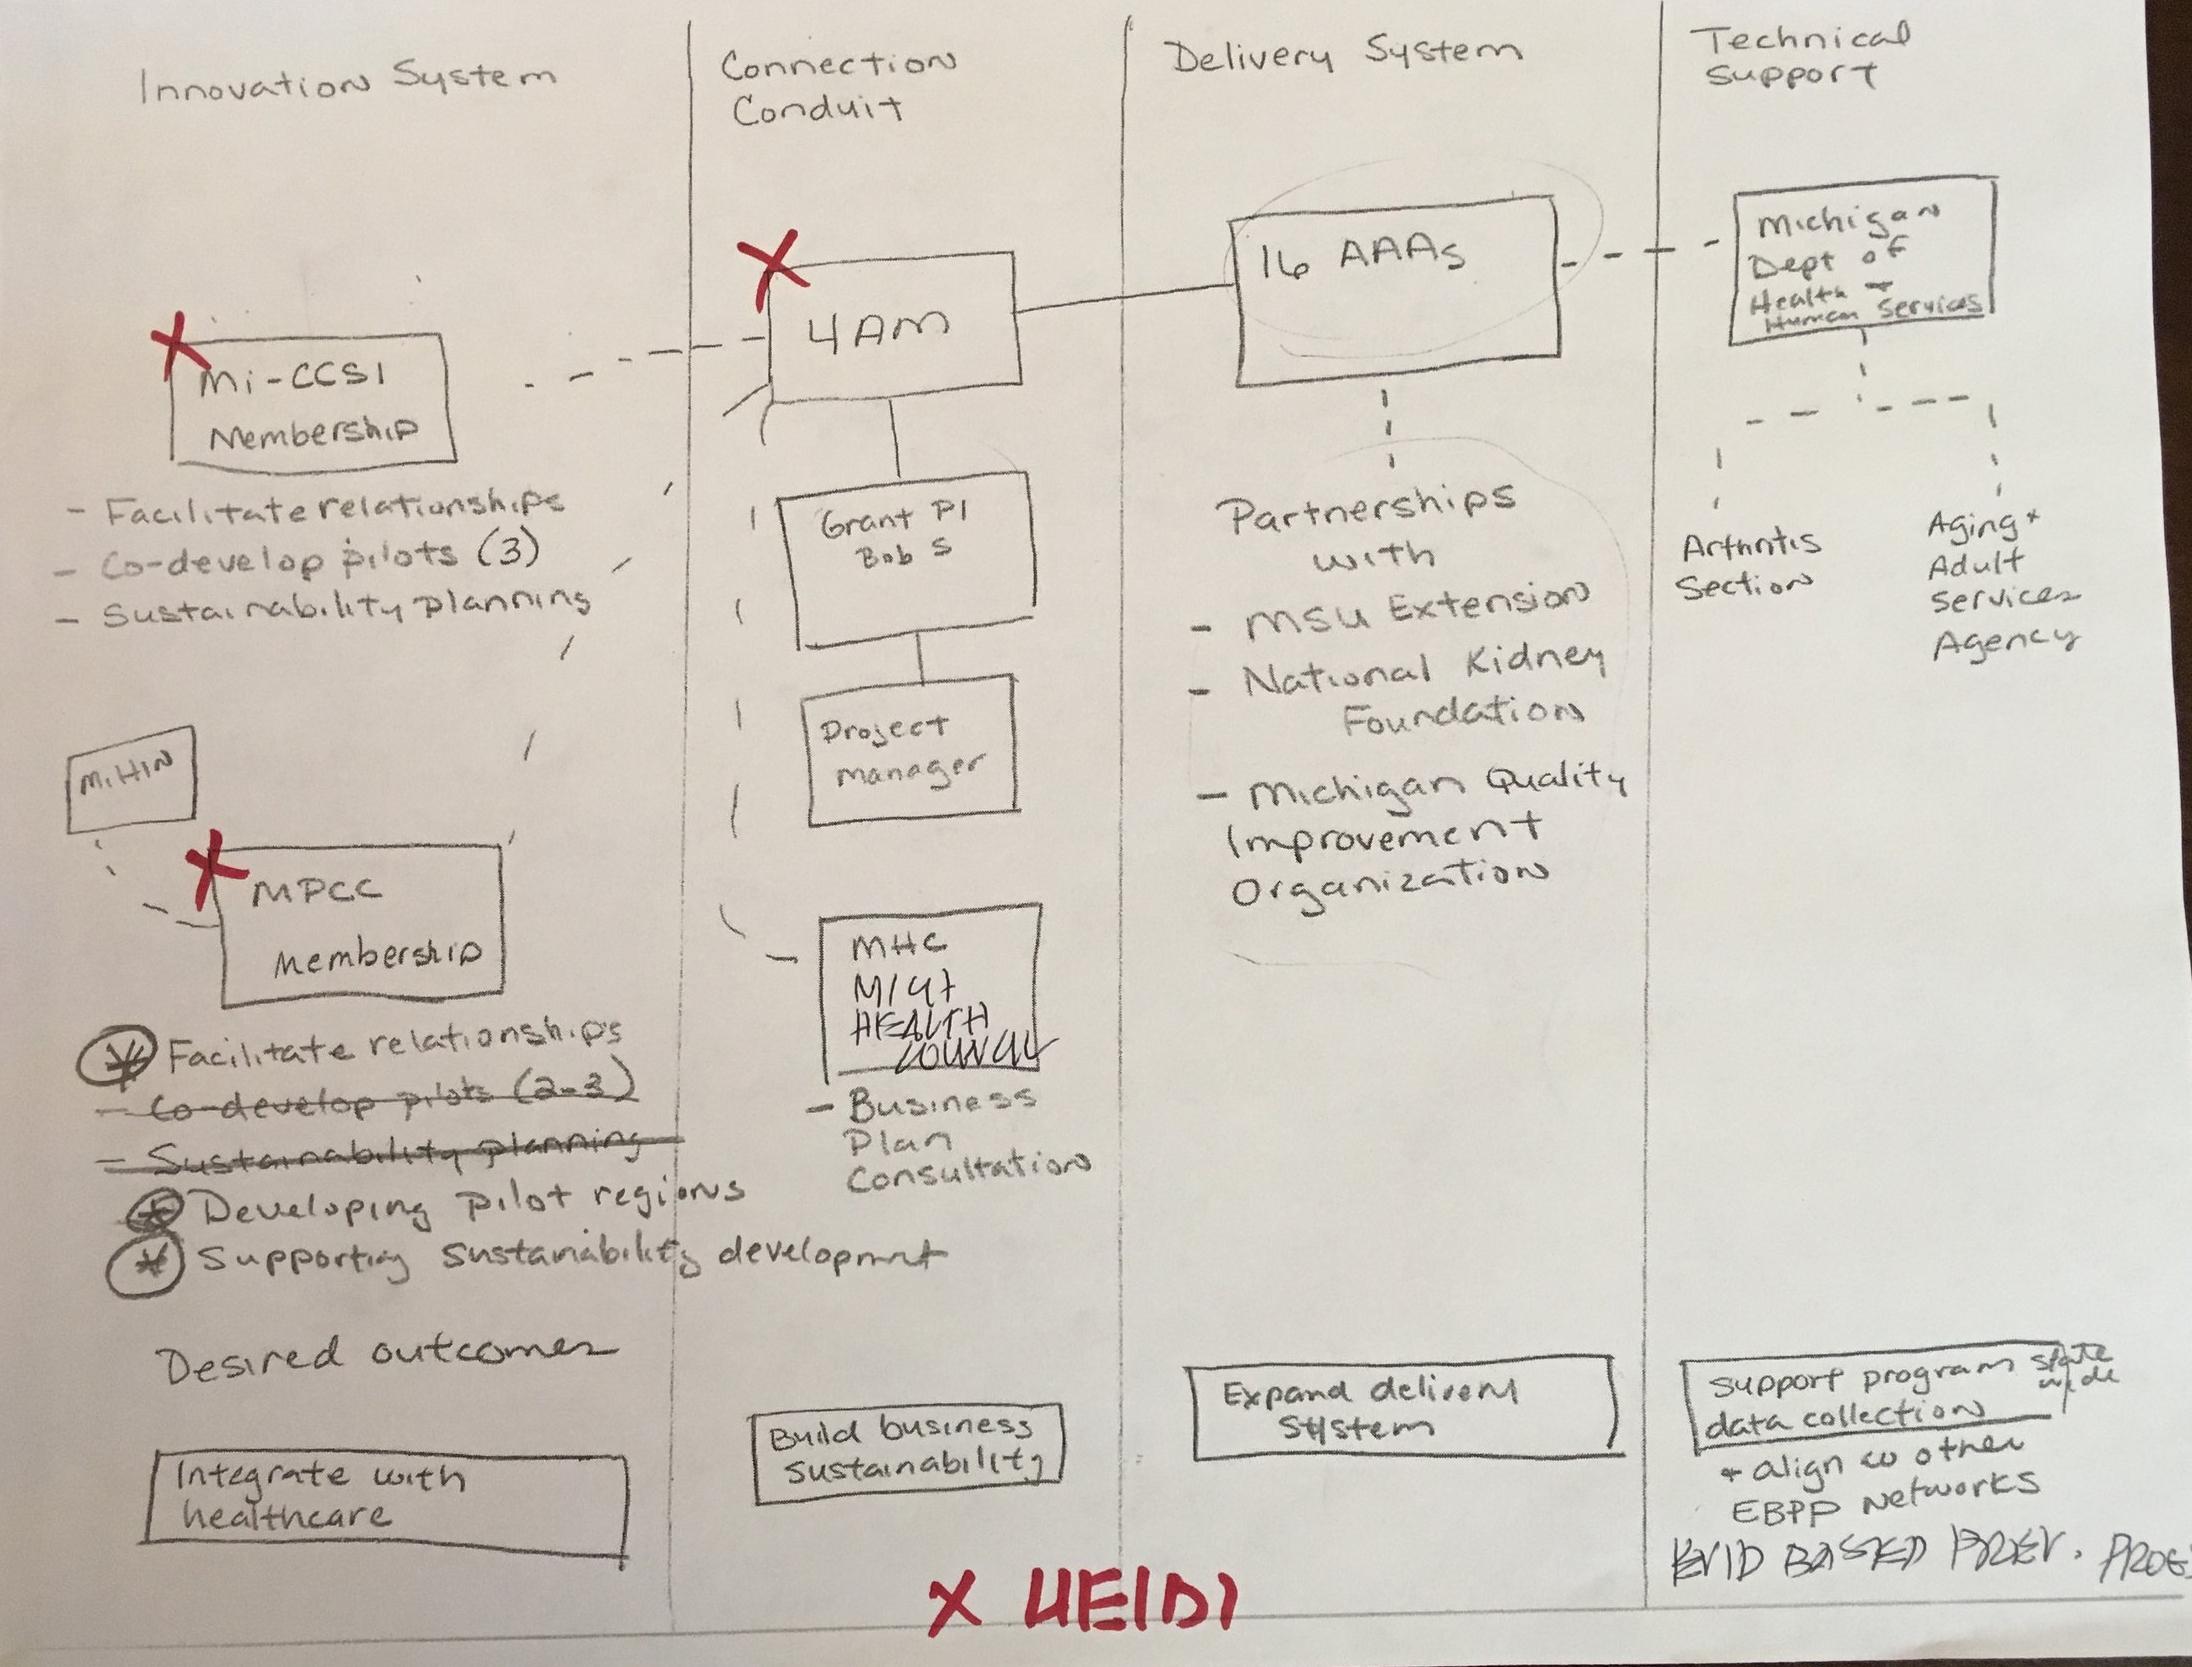 Original system sketch